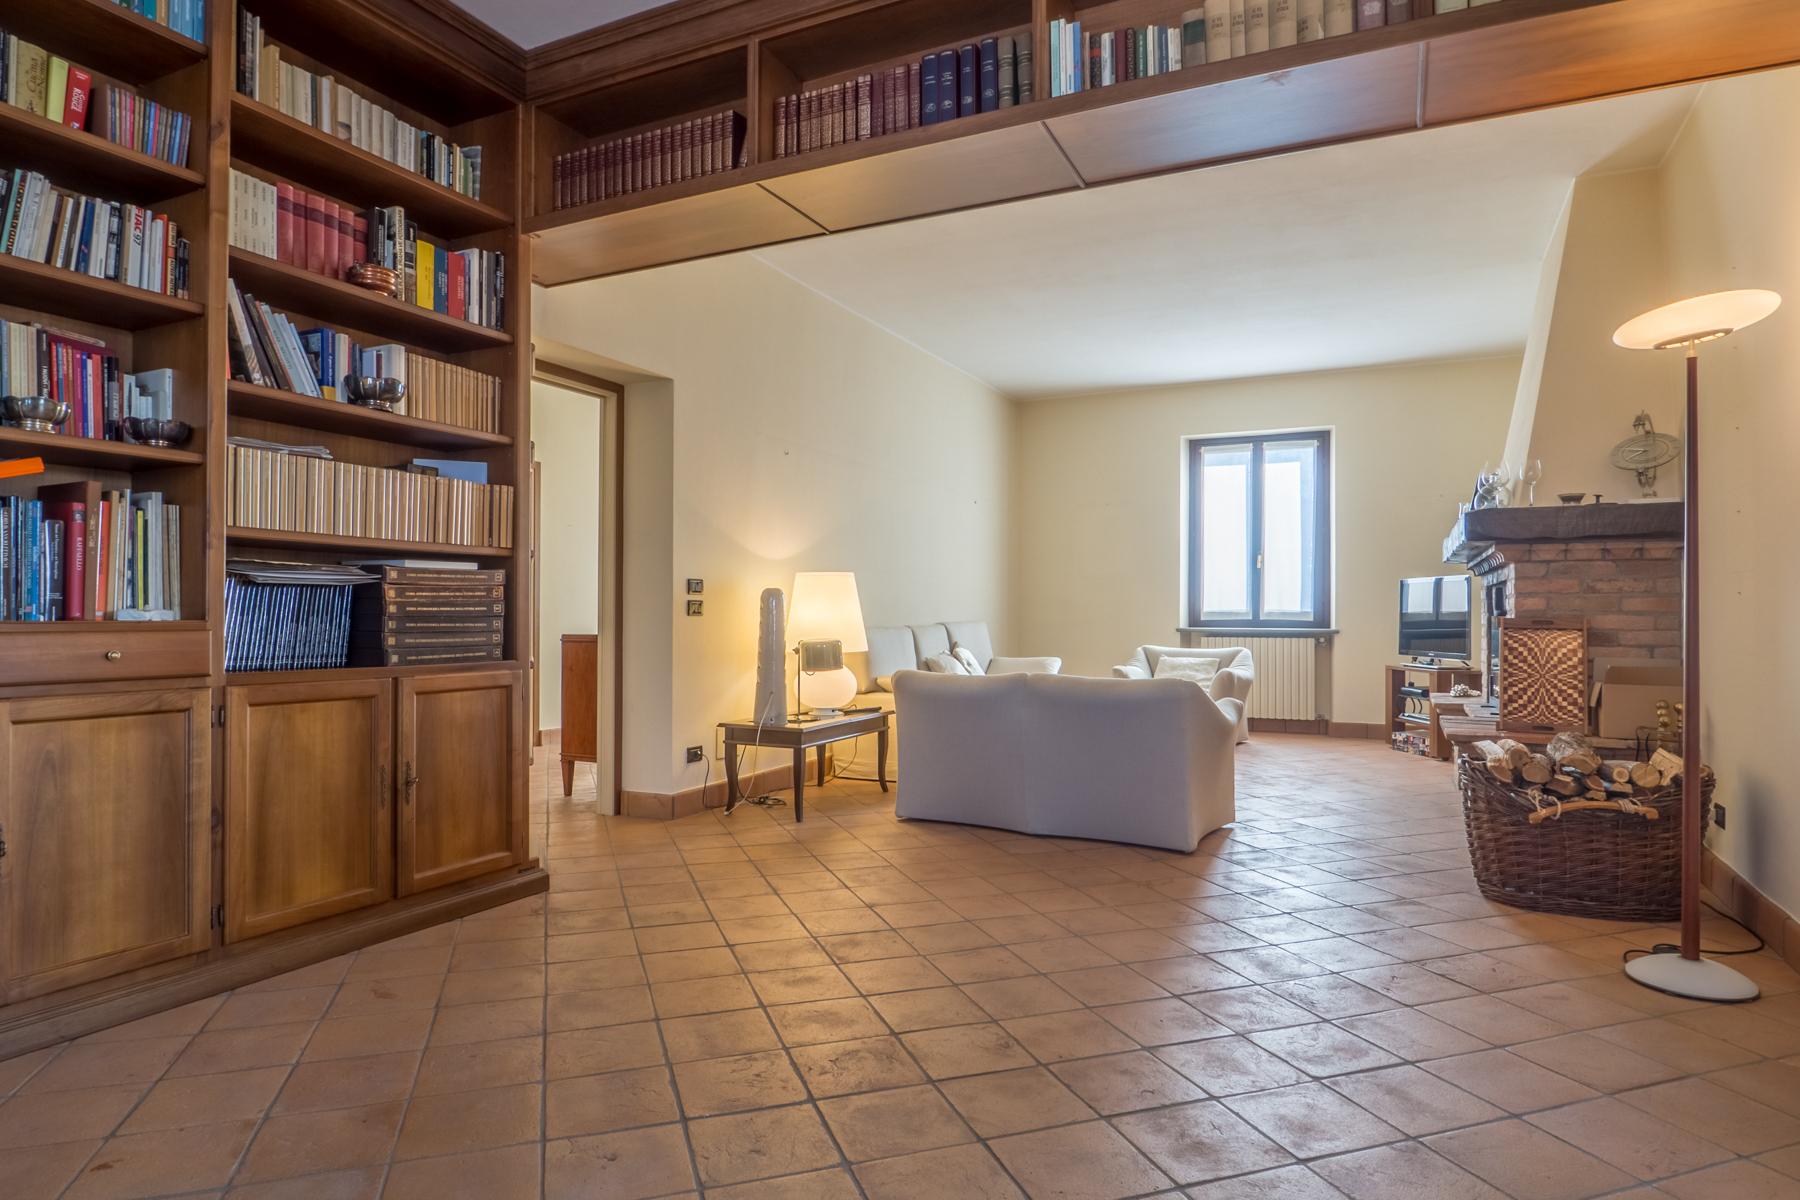 Villa in Vendita a Nizza Monferrato: 5 locali, 400 mq - Foto 4